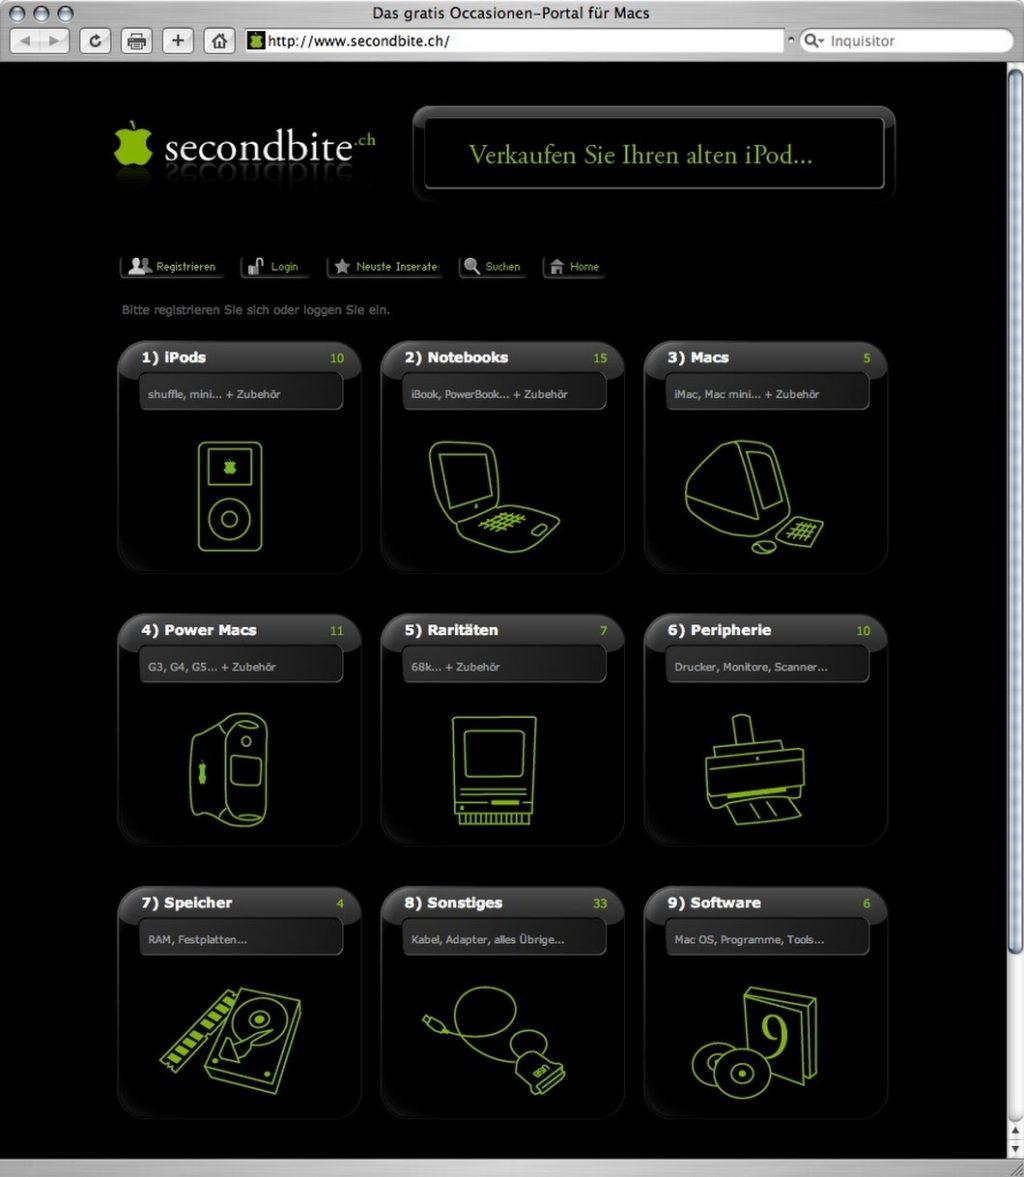 So sah Secondbite.ch im Jahr 2005 aus